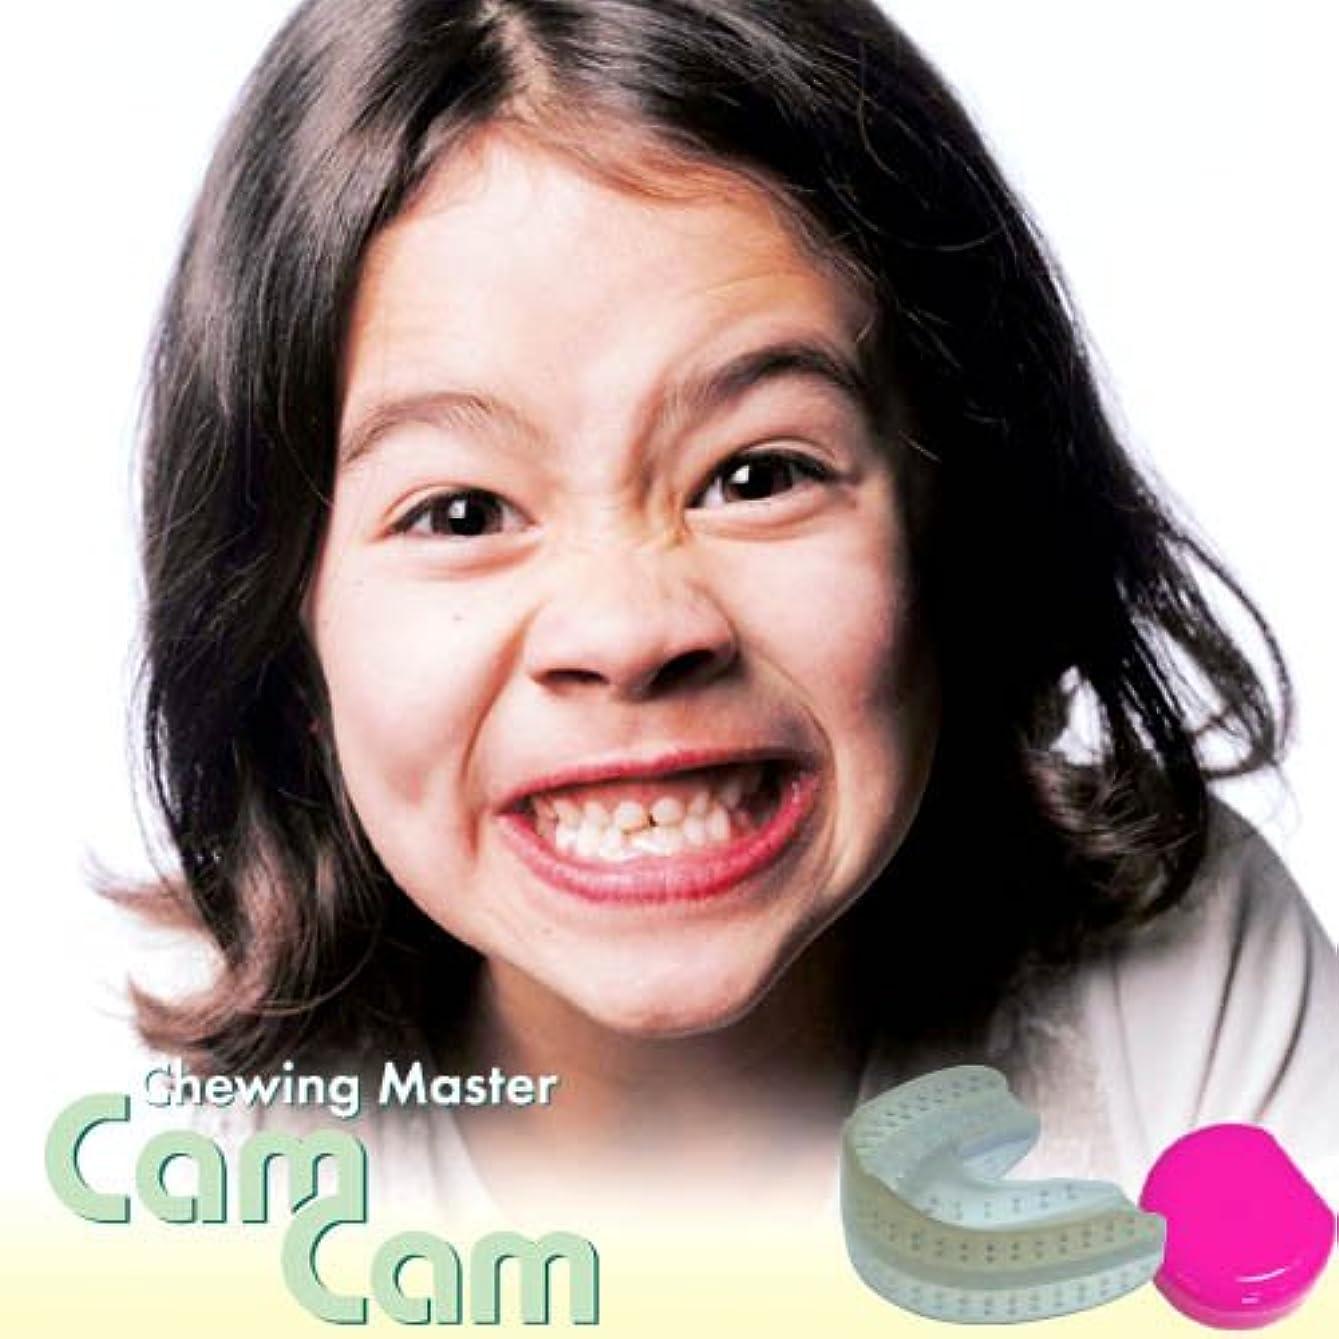 マイクロフォン豊かな怪しい歯科医師開発 口腔筋機能トレーニング マウスピース 【CamCam MD (ピンク)】混合歯列期から永久歯列期用